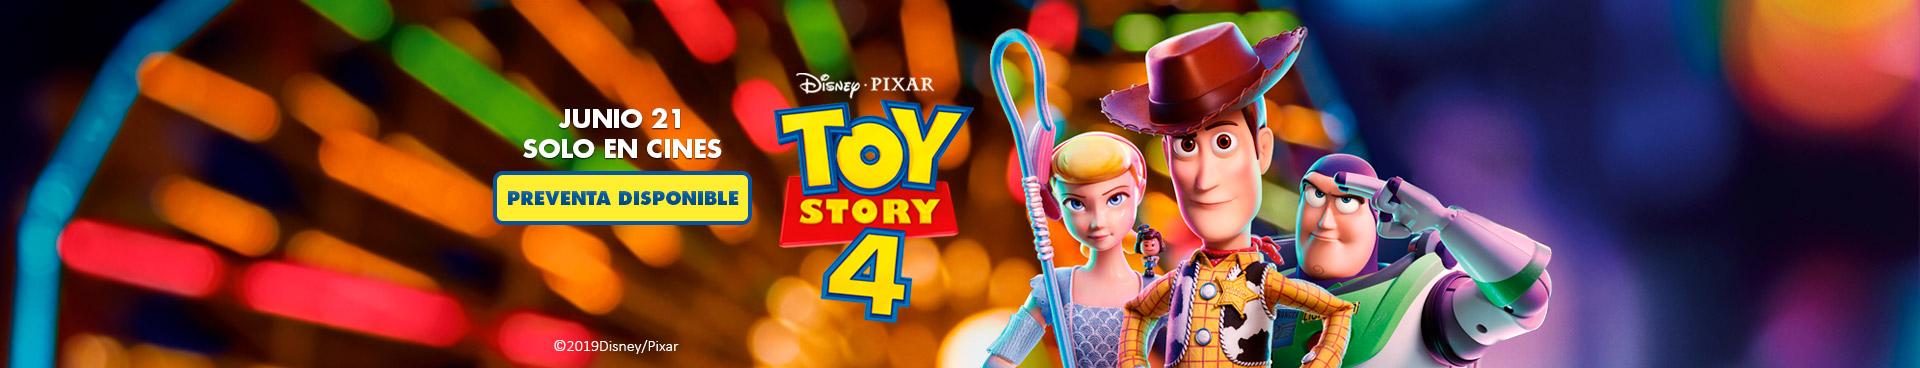 Preventa: Toy Story 4